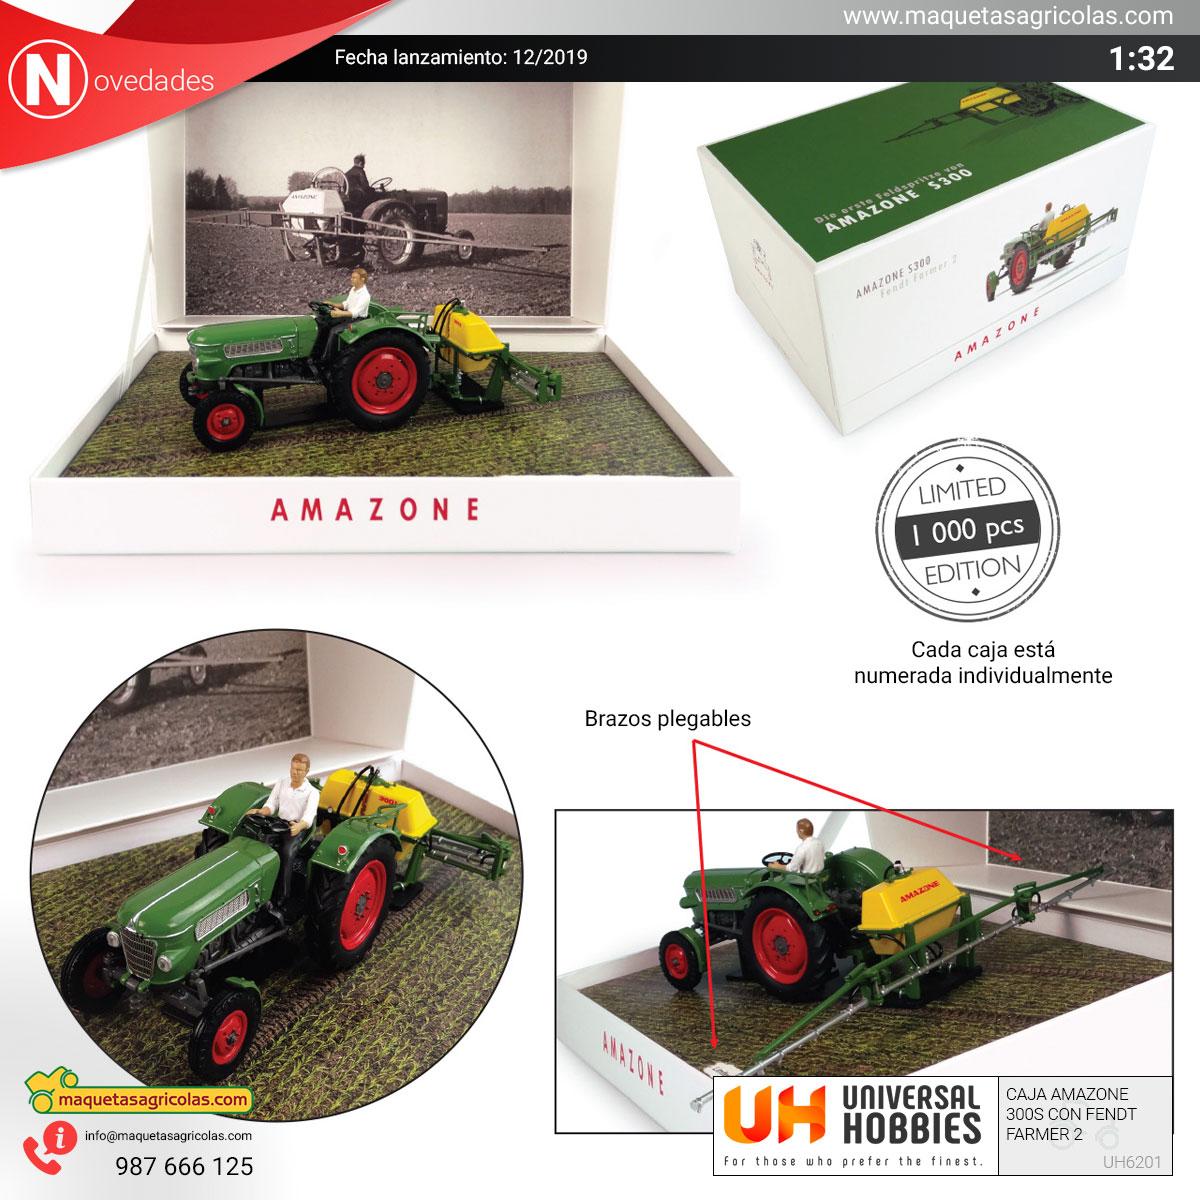 Amazone 300S mas tractor Fendt en caja de coleccionista.